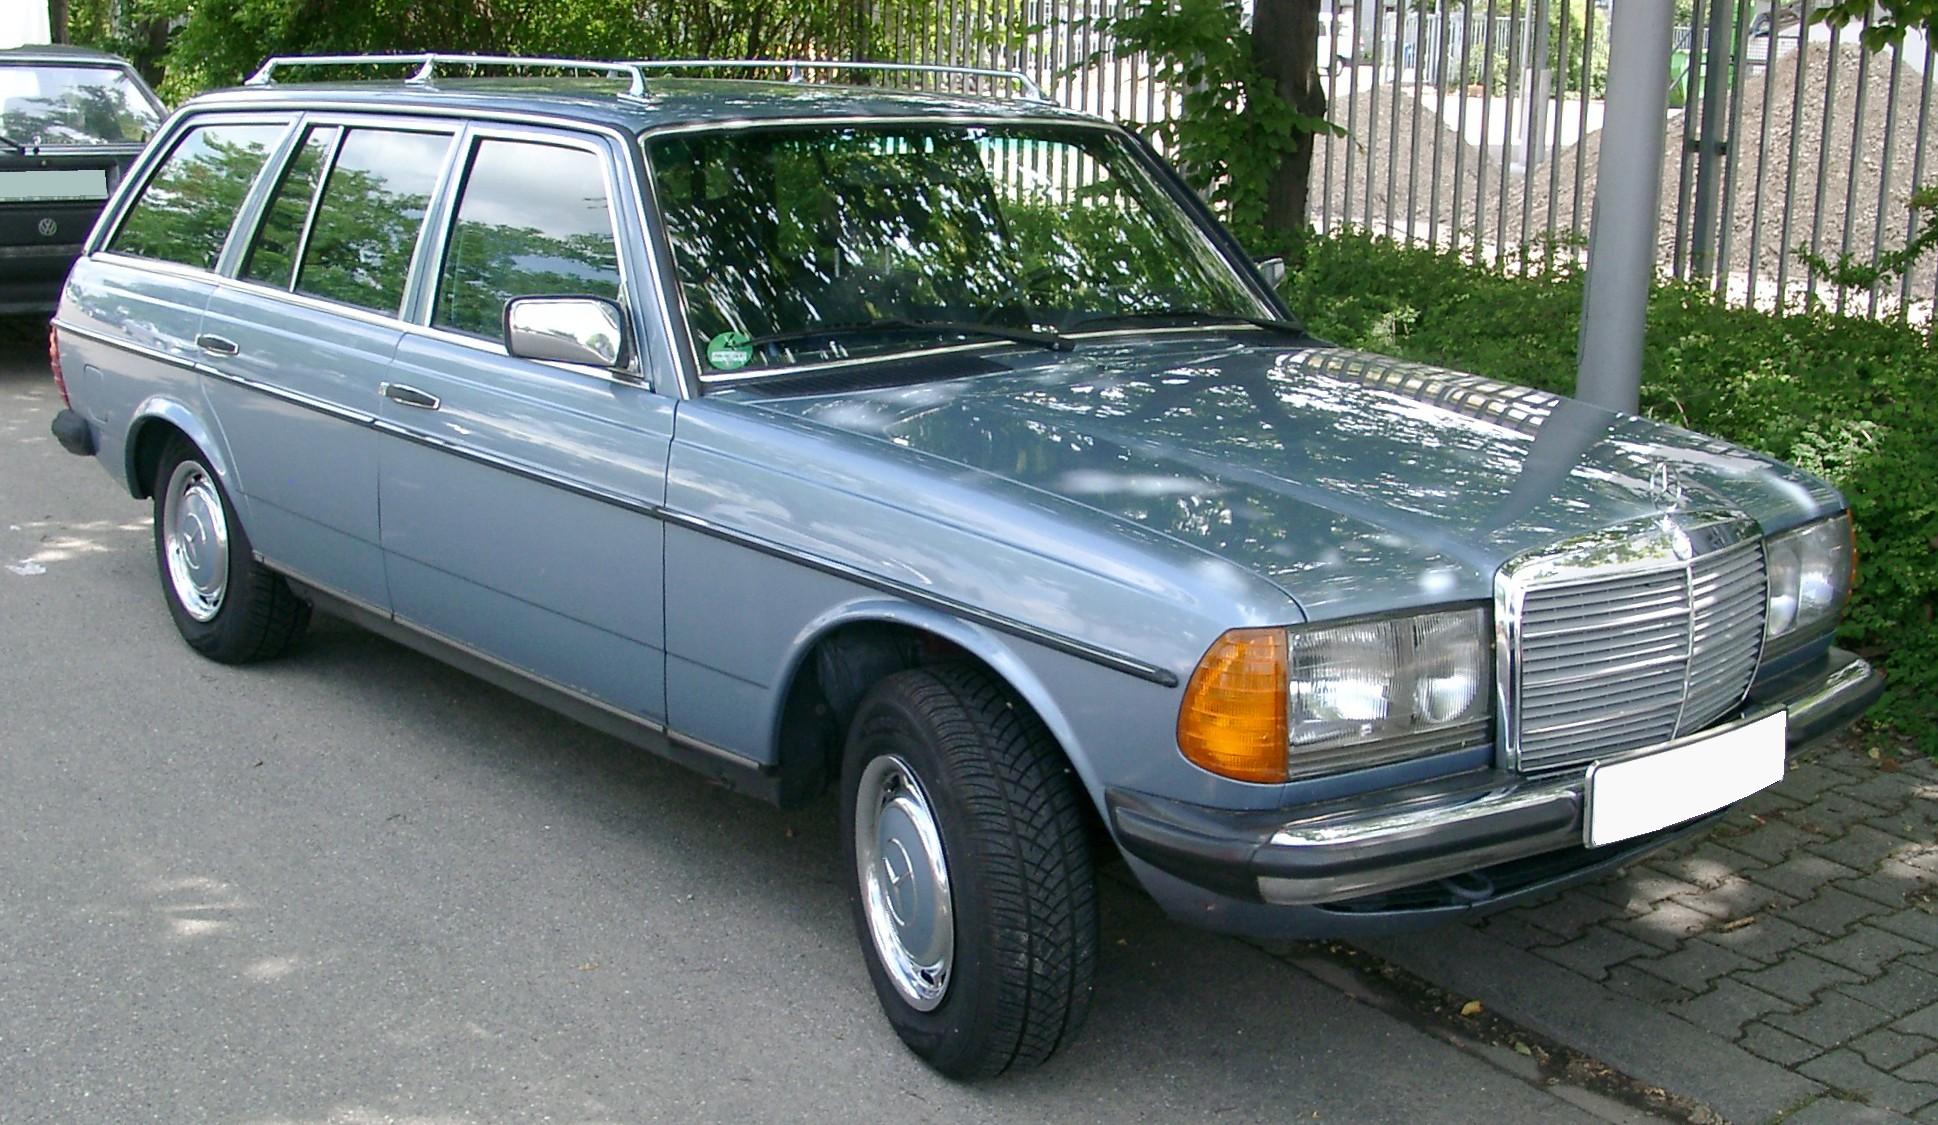 Mercedes Benz W123 1975 1985 Station Wagon 5 Door Outstanding Cars